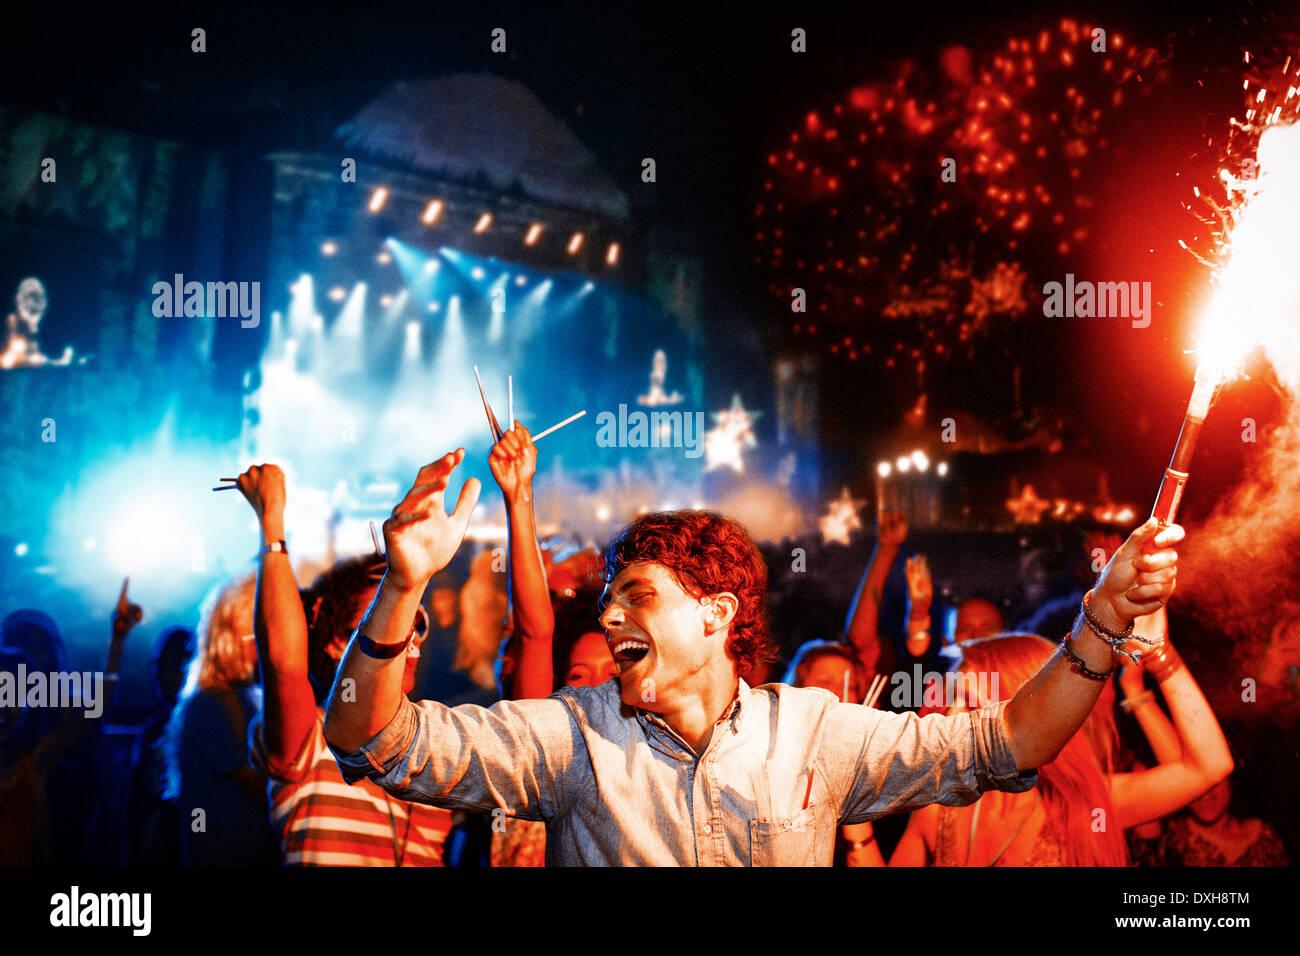 Ventole con fuochi d'artificio al festival di musica Immagini Stock